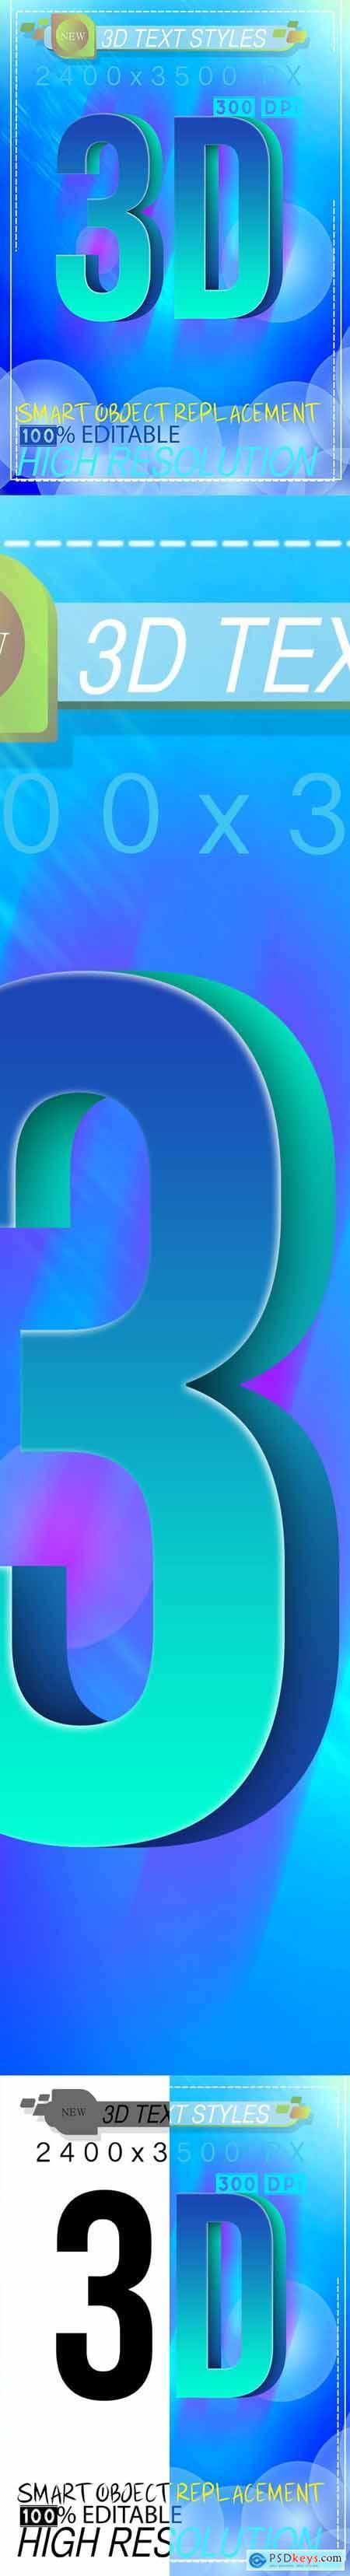 3D Text Effect 15_9_20 28556678